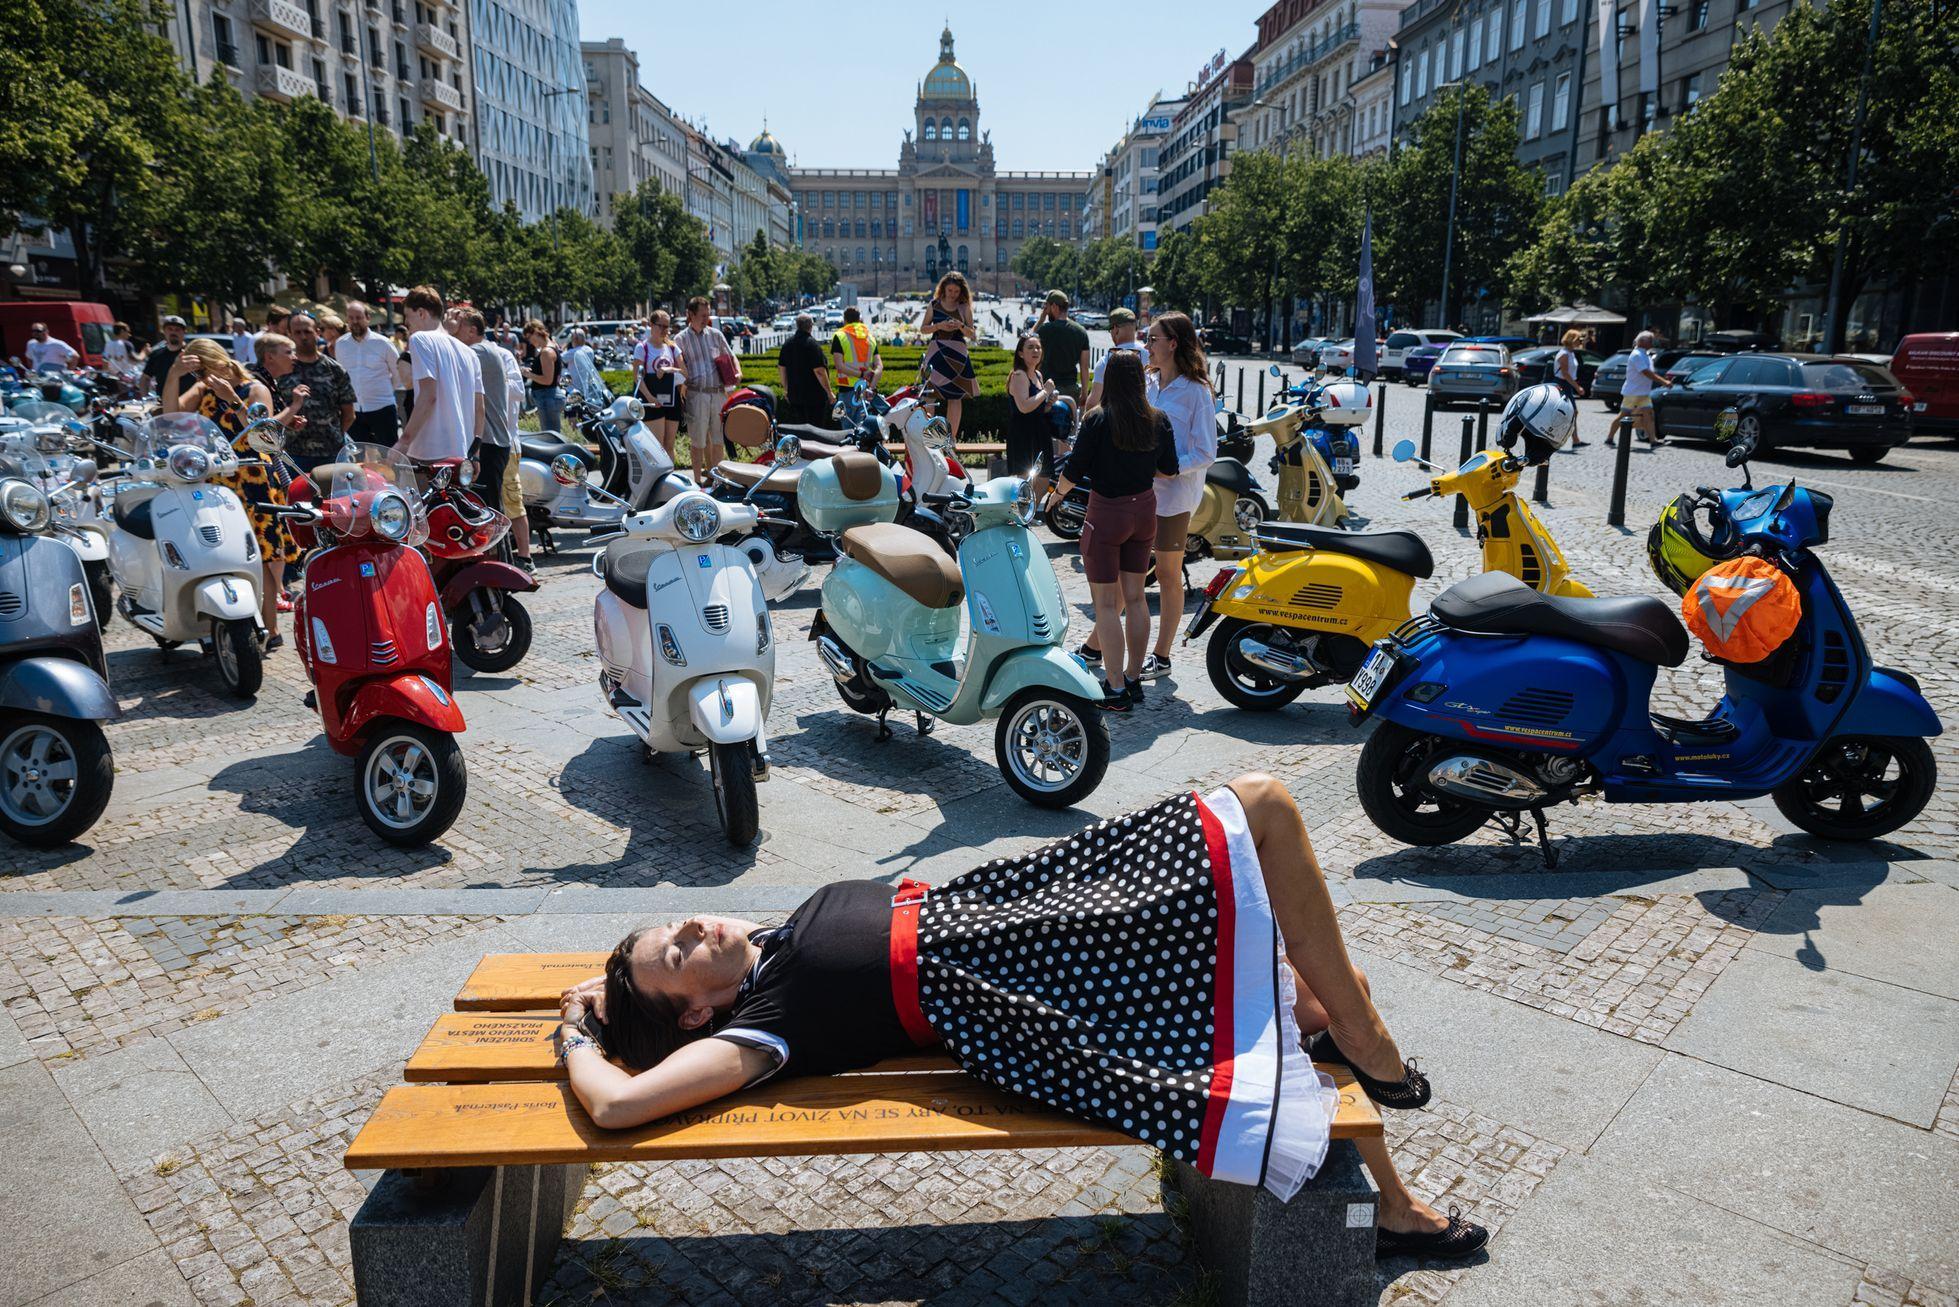 Vosy v Praze. Městem se promenádovalo přes 250 Vesp, skútristek je čím dál víc